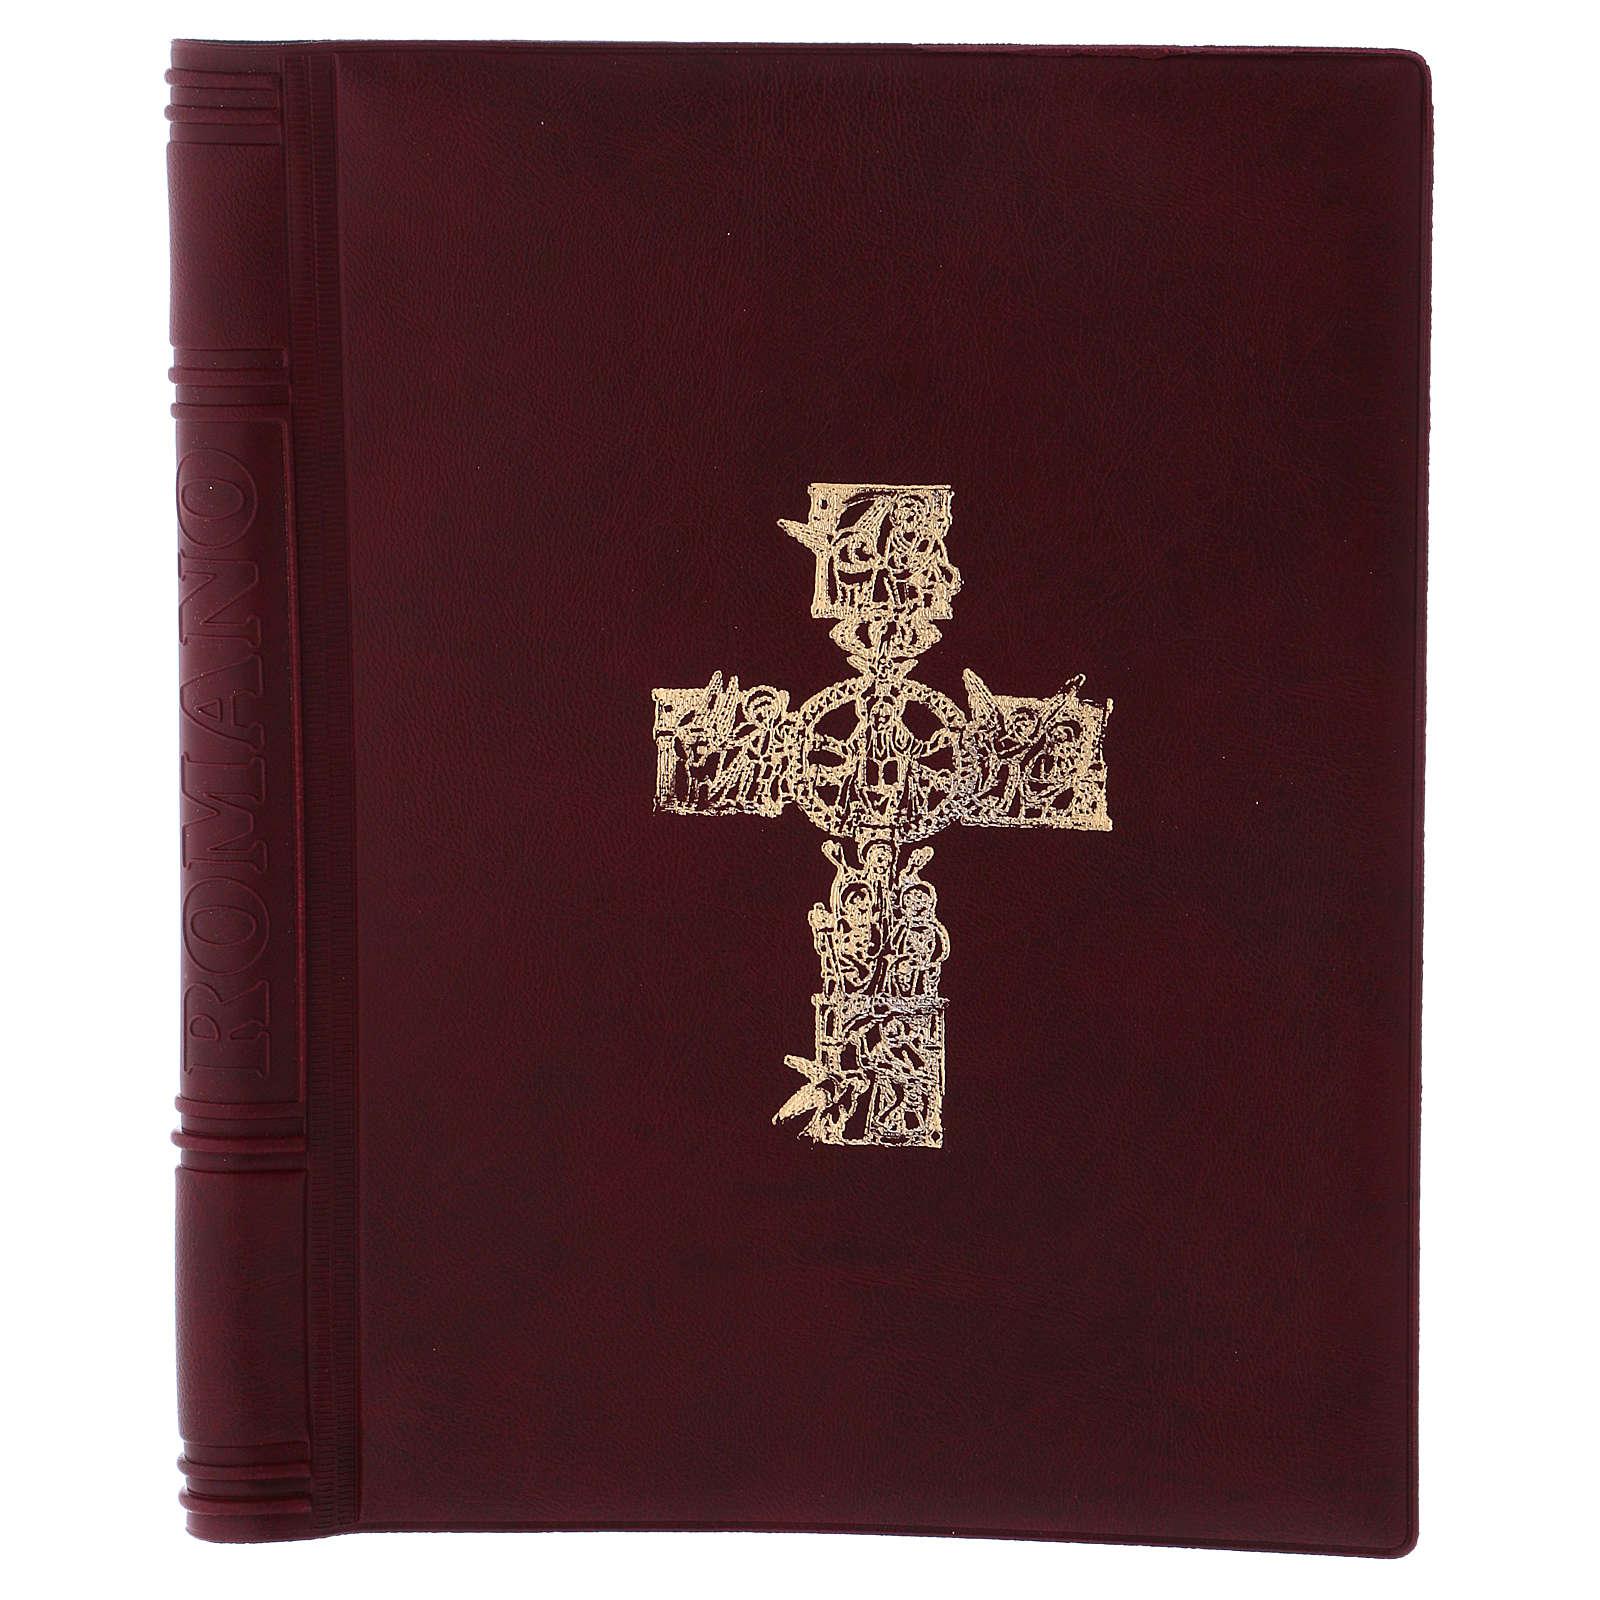 Slipcase for Roman Missal 25,5x18 cm 4